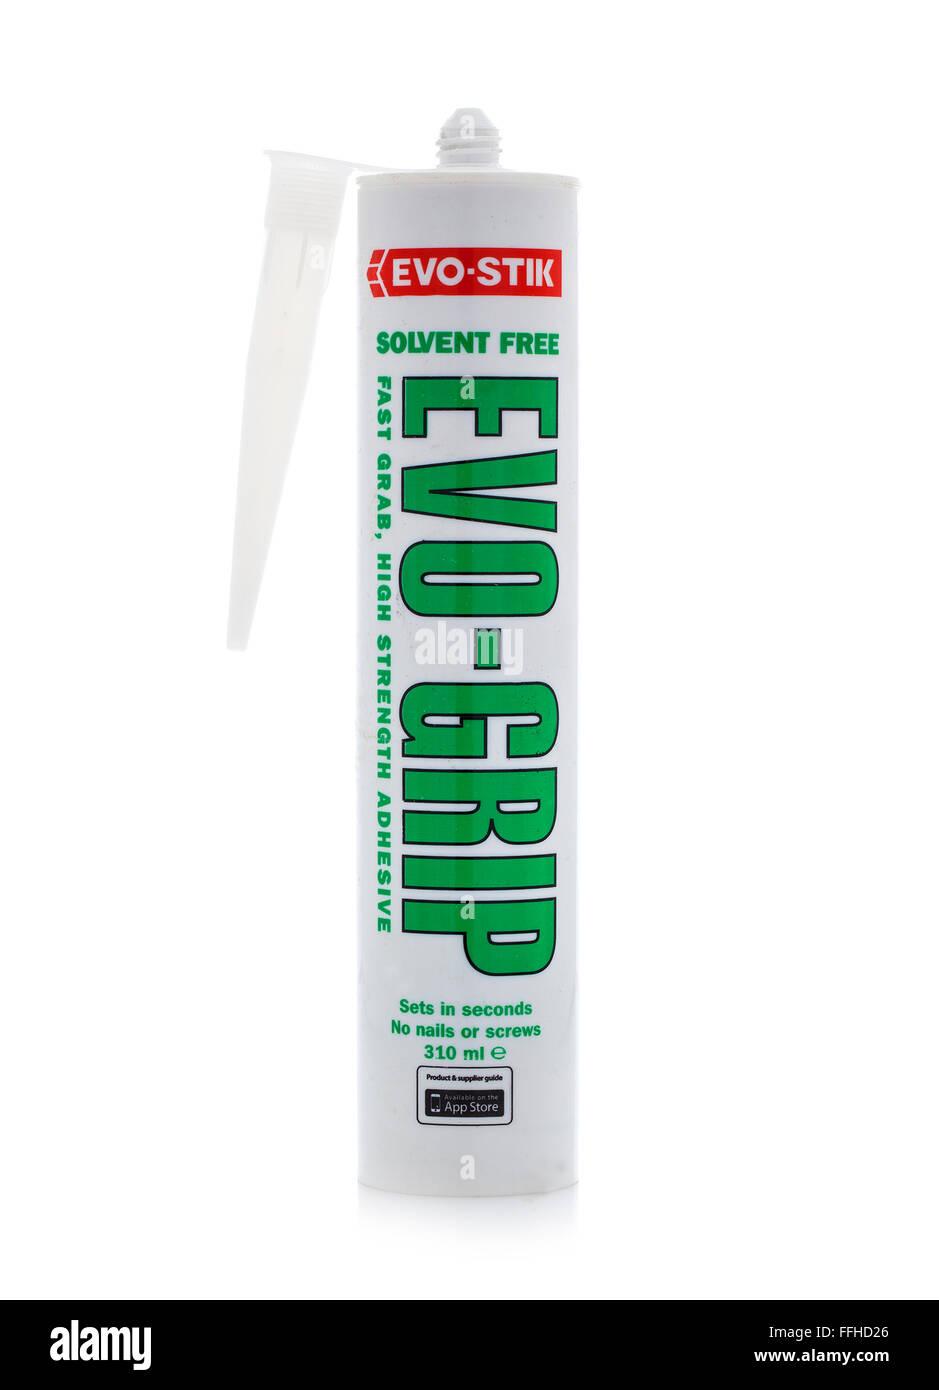 Rohr der Evo-Grip lösemittelfrei greifen Klebstoff machen von Evo Stik auf weißem Hintergrund Stockbild